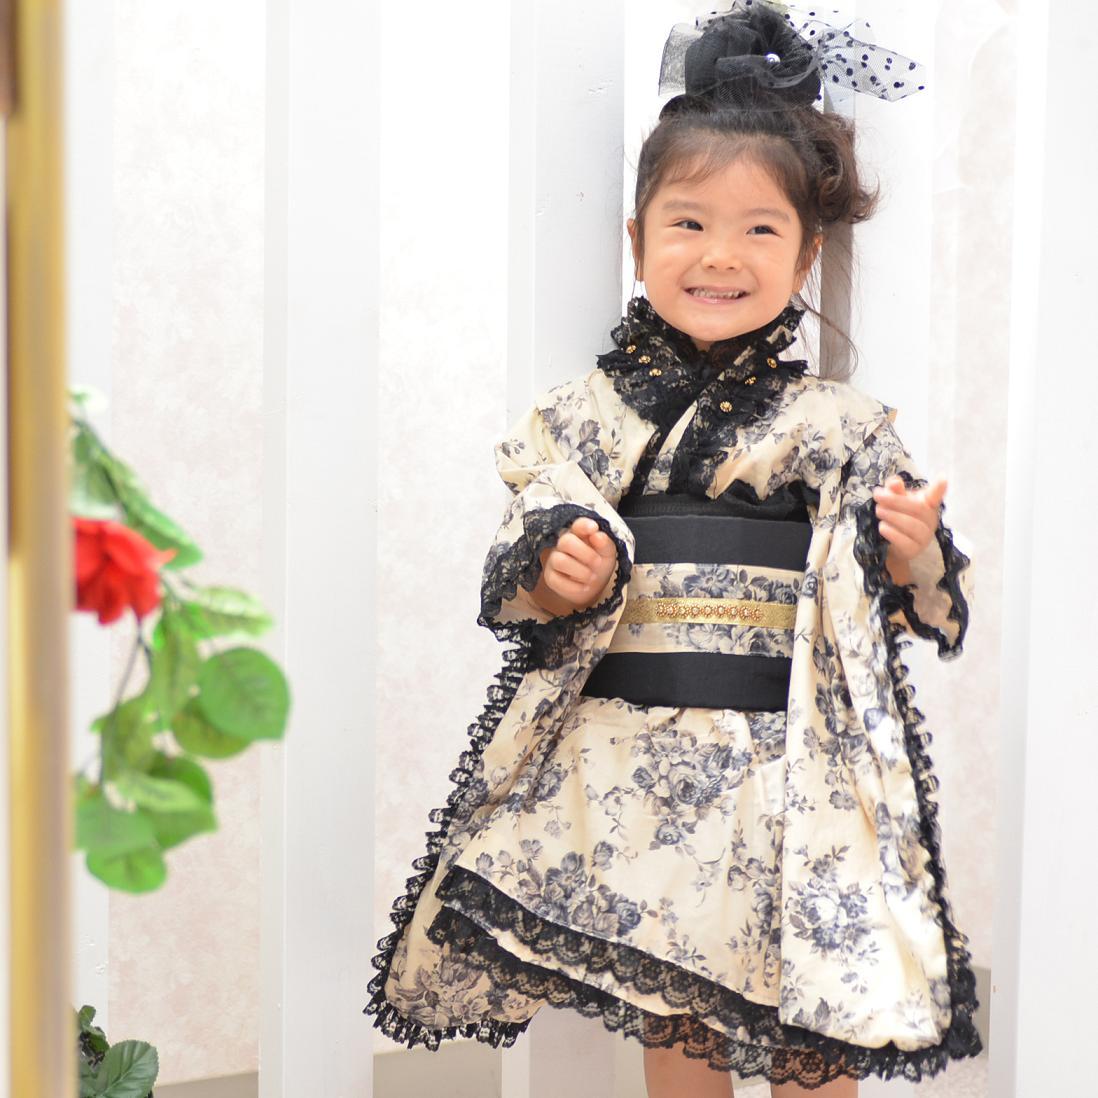 368k【3歳/黒フリルドレス/レンタル4泊5日/往復送料無料】《3歳 753 七五三 子供 女の子 着物 きもの かわいい 黒色 フルセットレンタル》